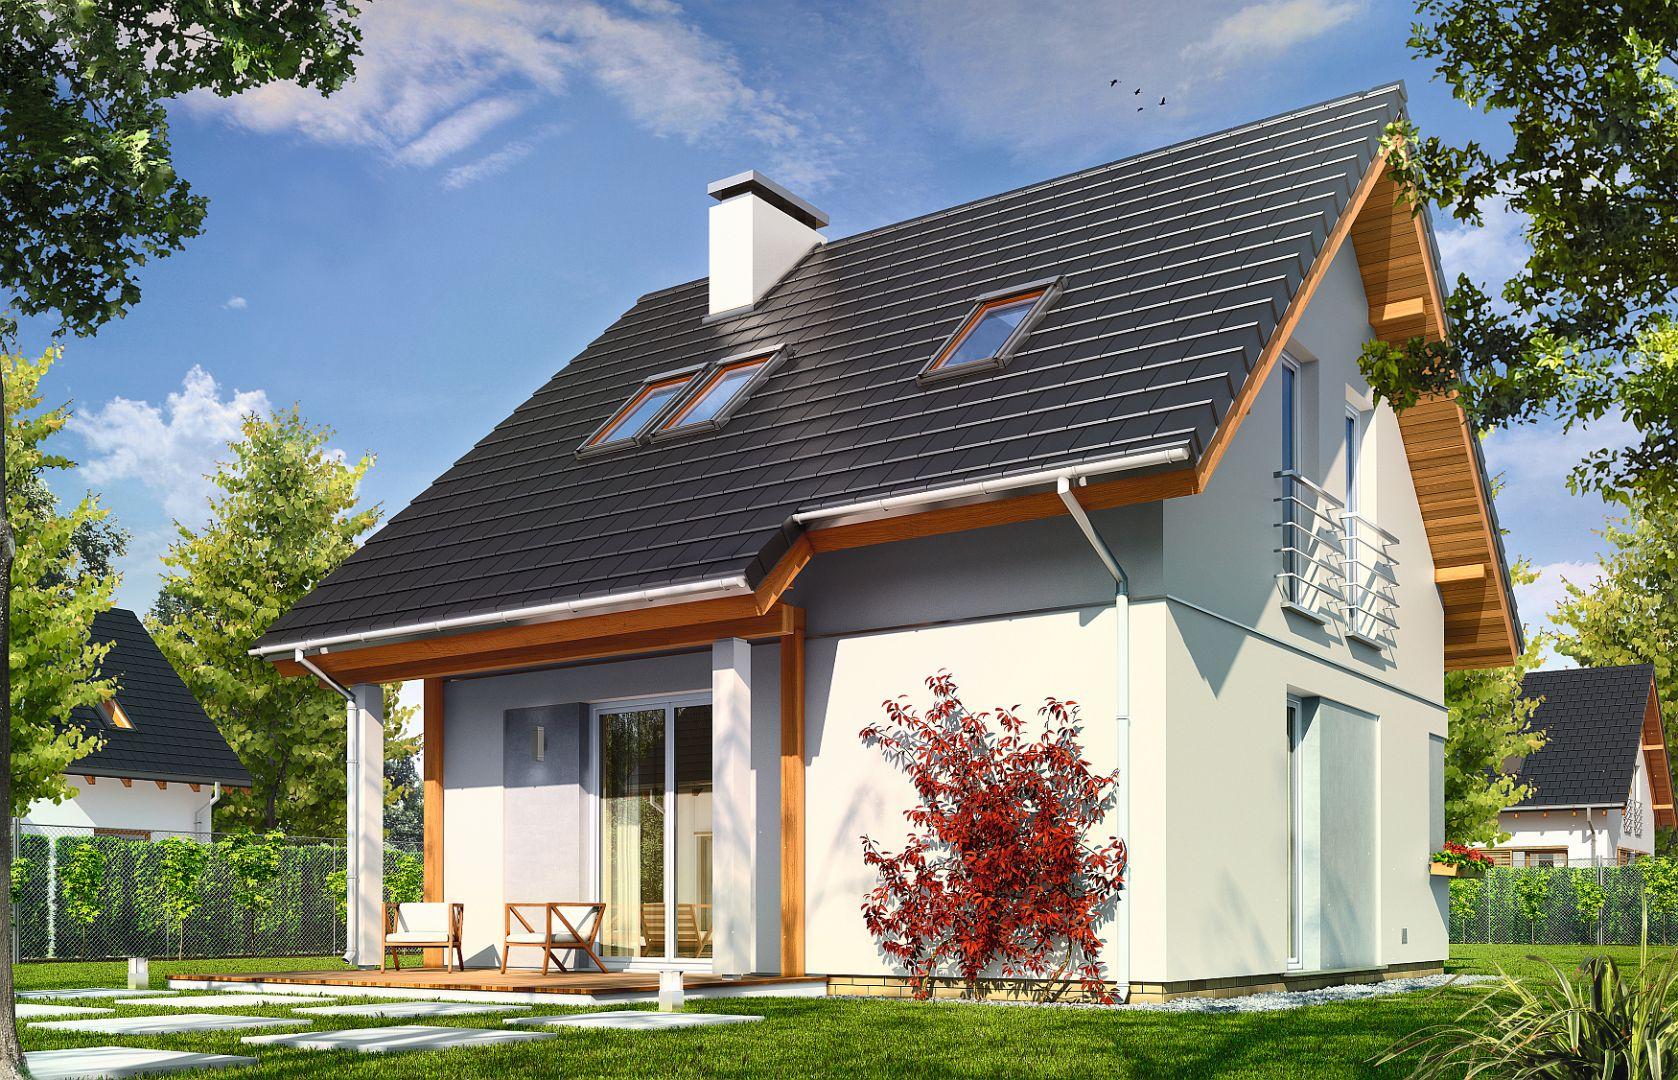 Nawet na 62 m kw. powierzchni użytkowej domu można zmieścić pełnoprawne czteropokojowe mieszkanie. Projekt: Mikrus. Fot. MG Projekt